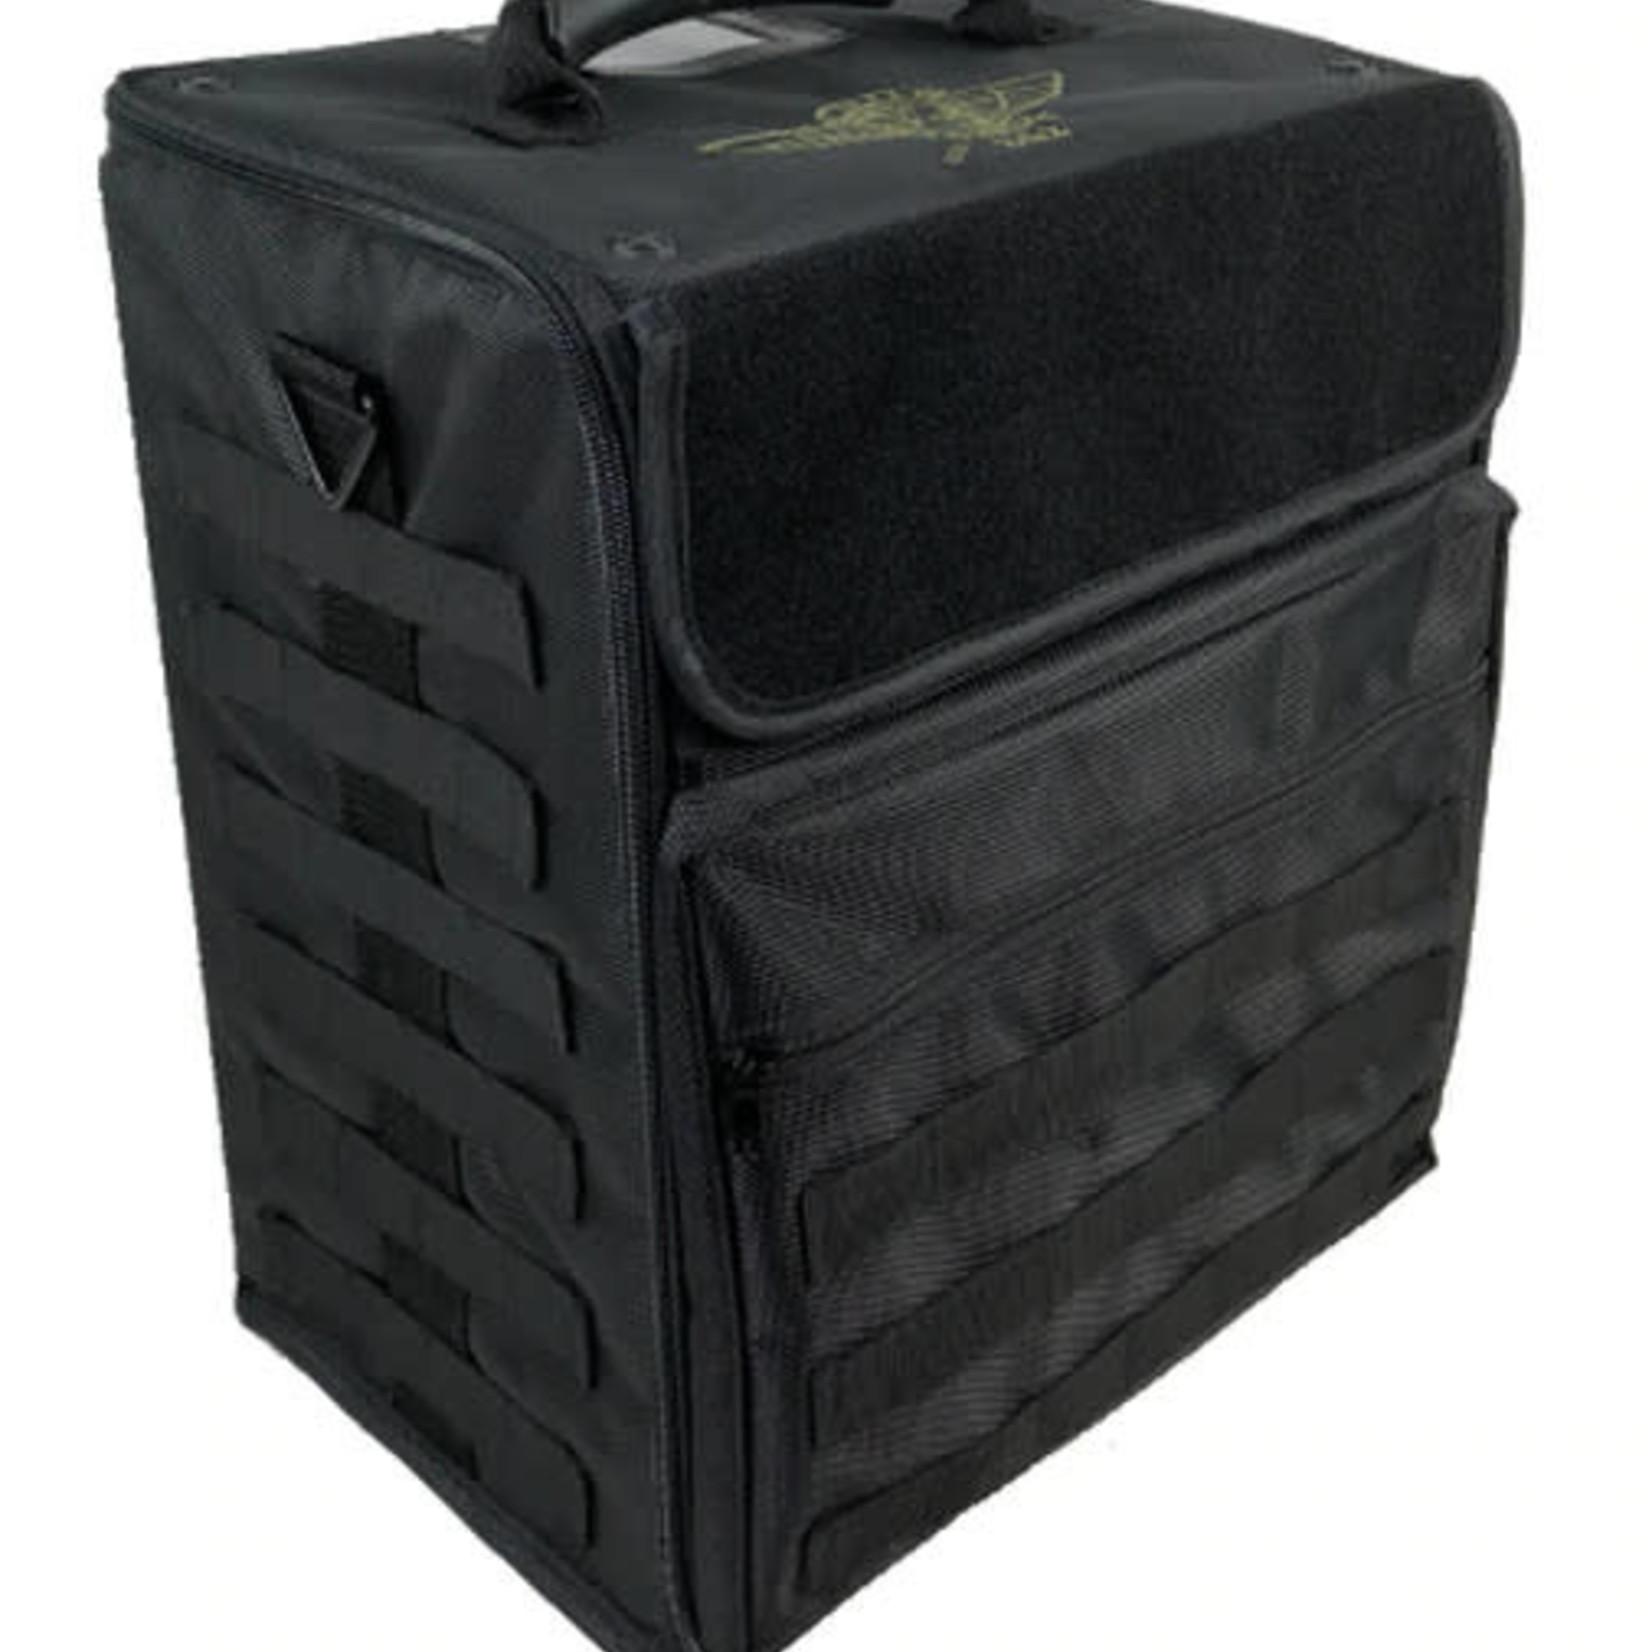 Battlefoam P.A.C.K. 352 Molle Bag (Empty)